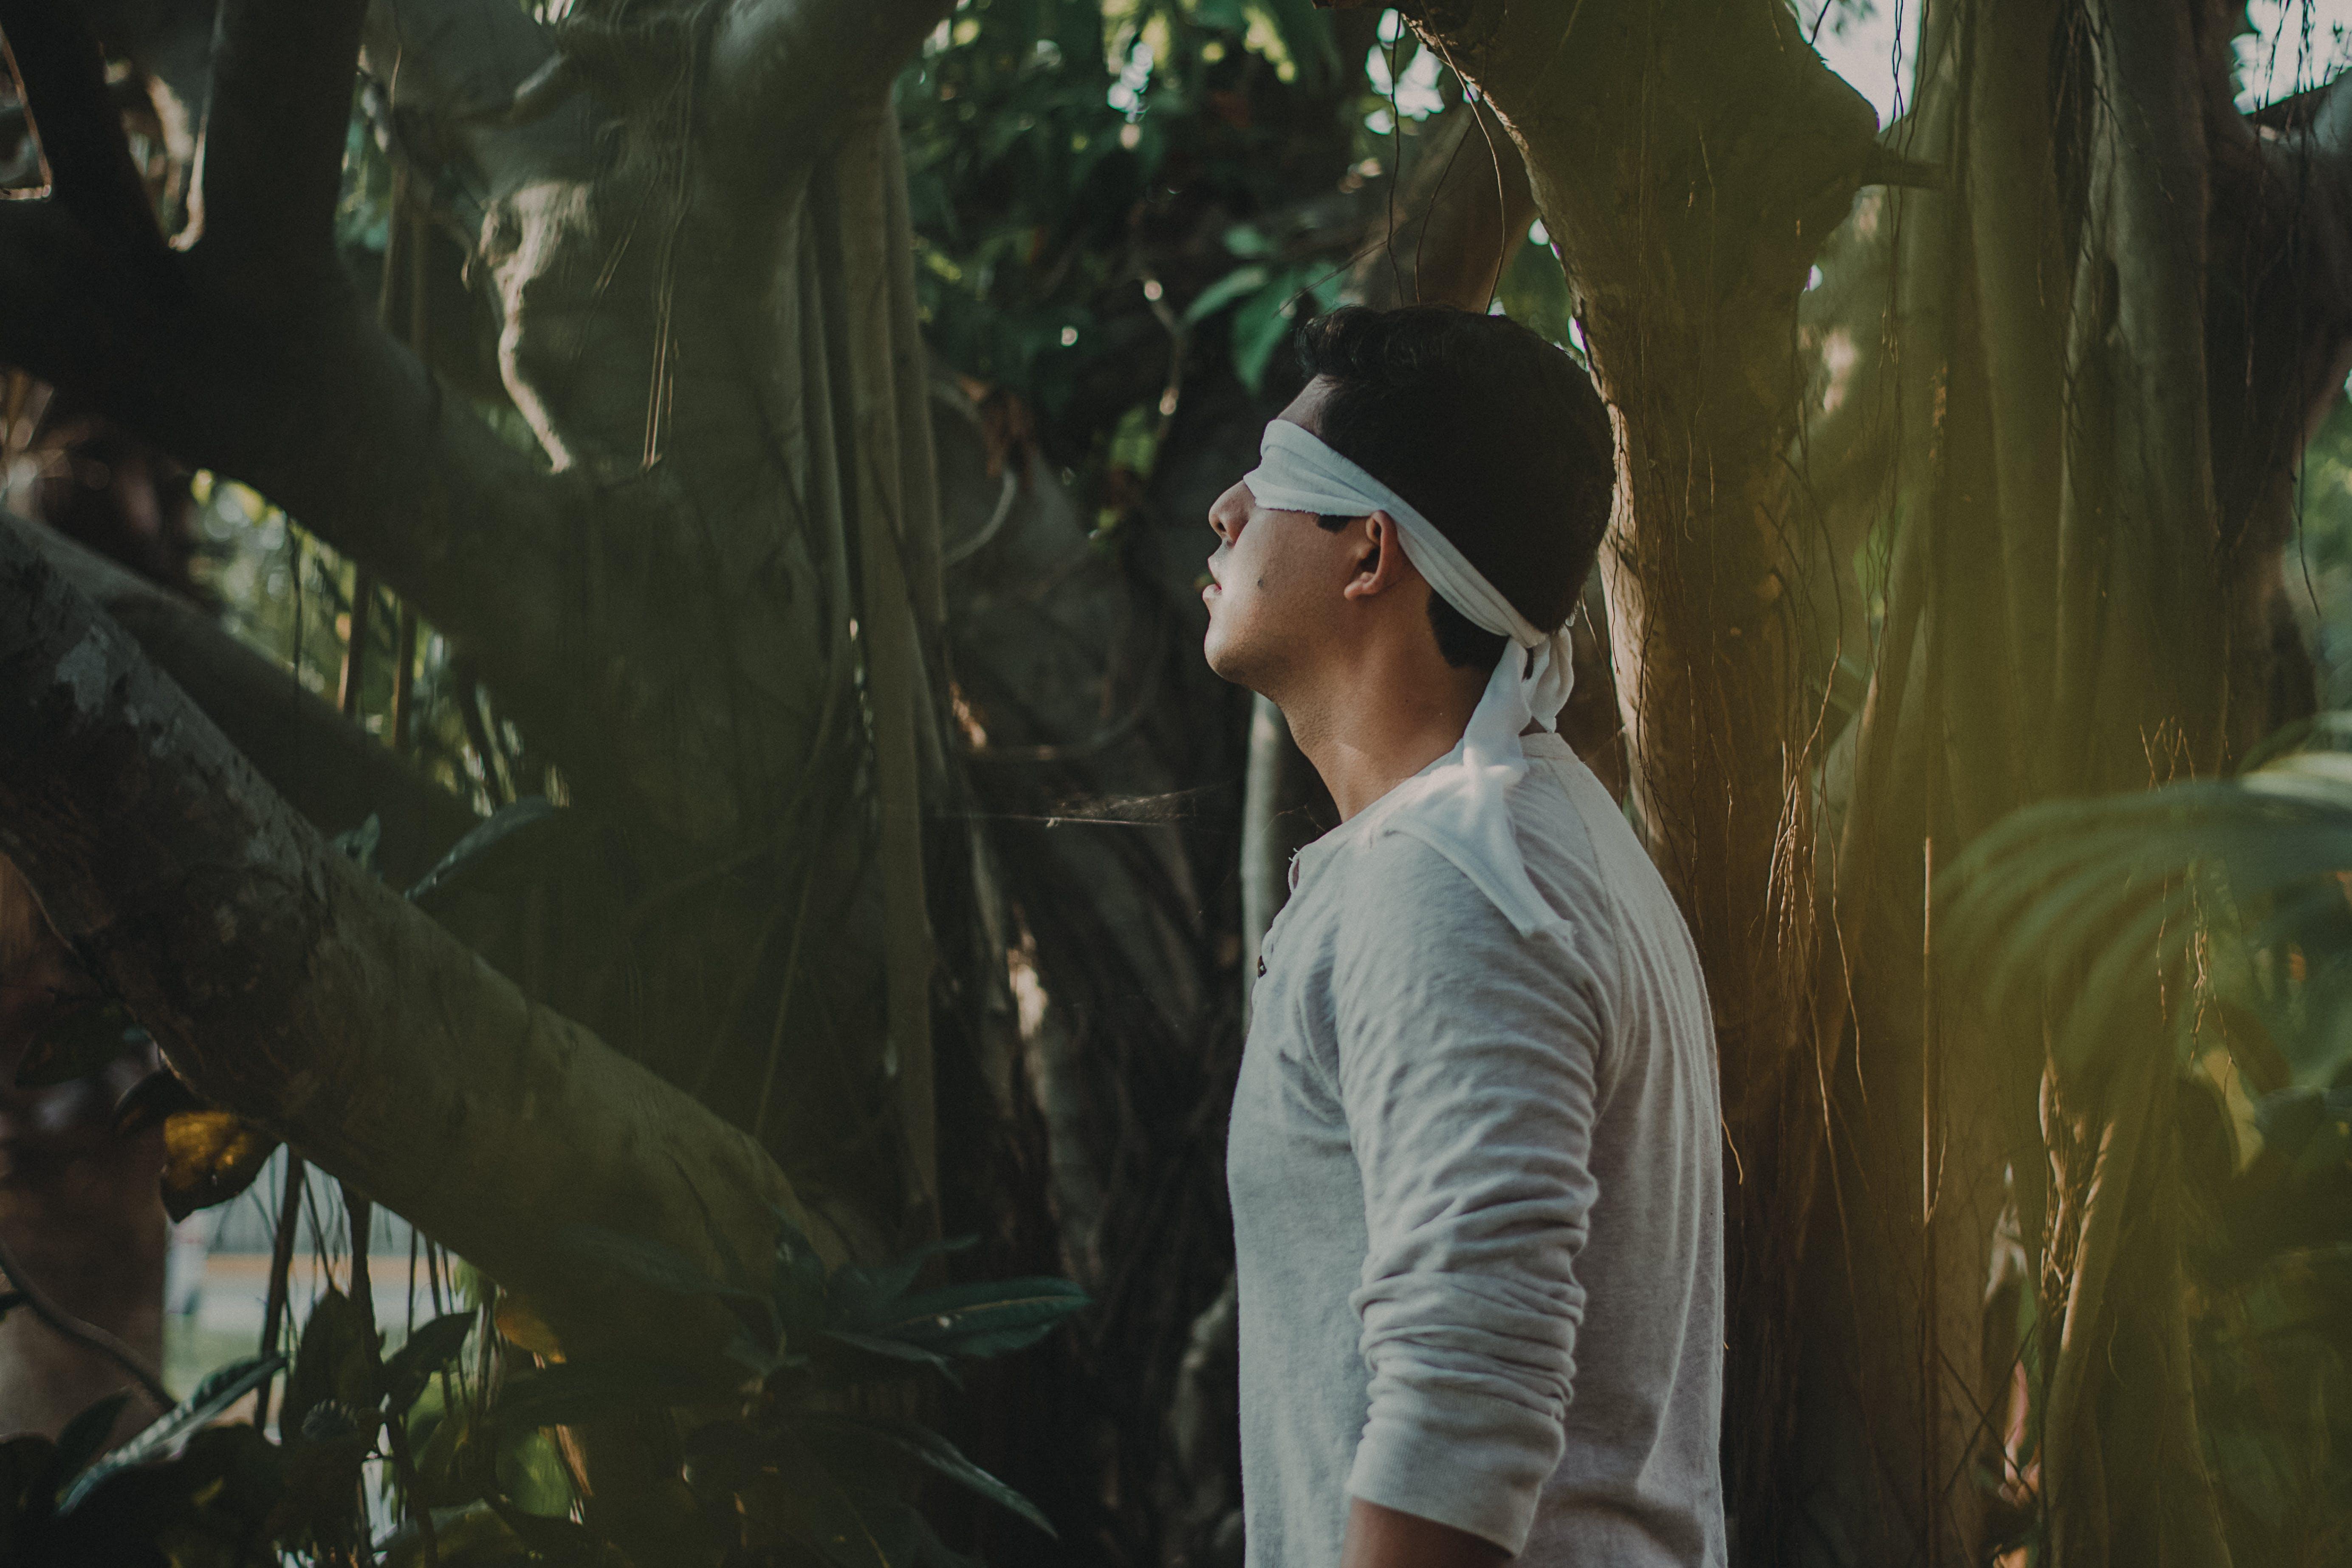 alone, blindfolded, man